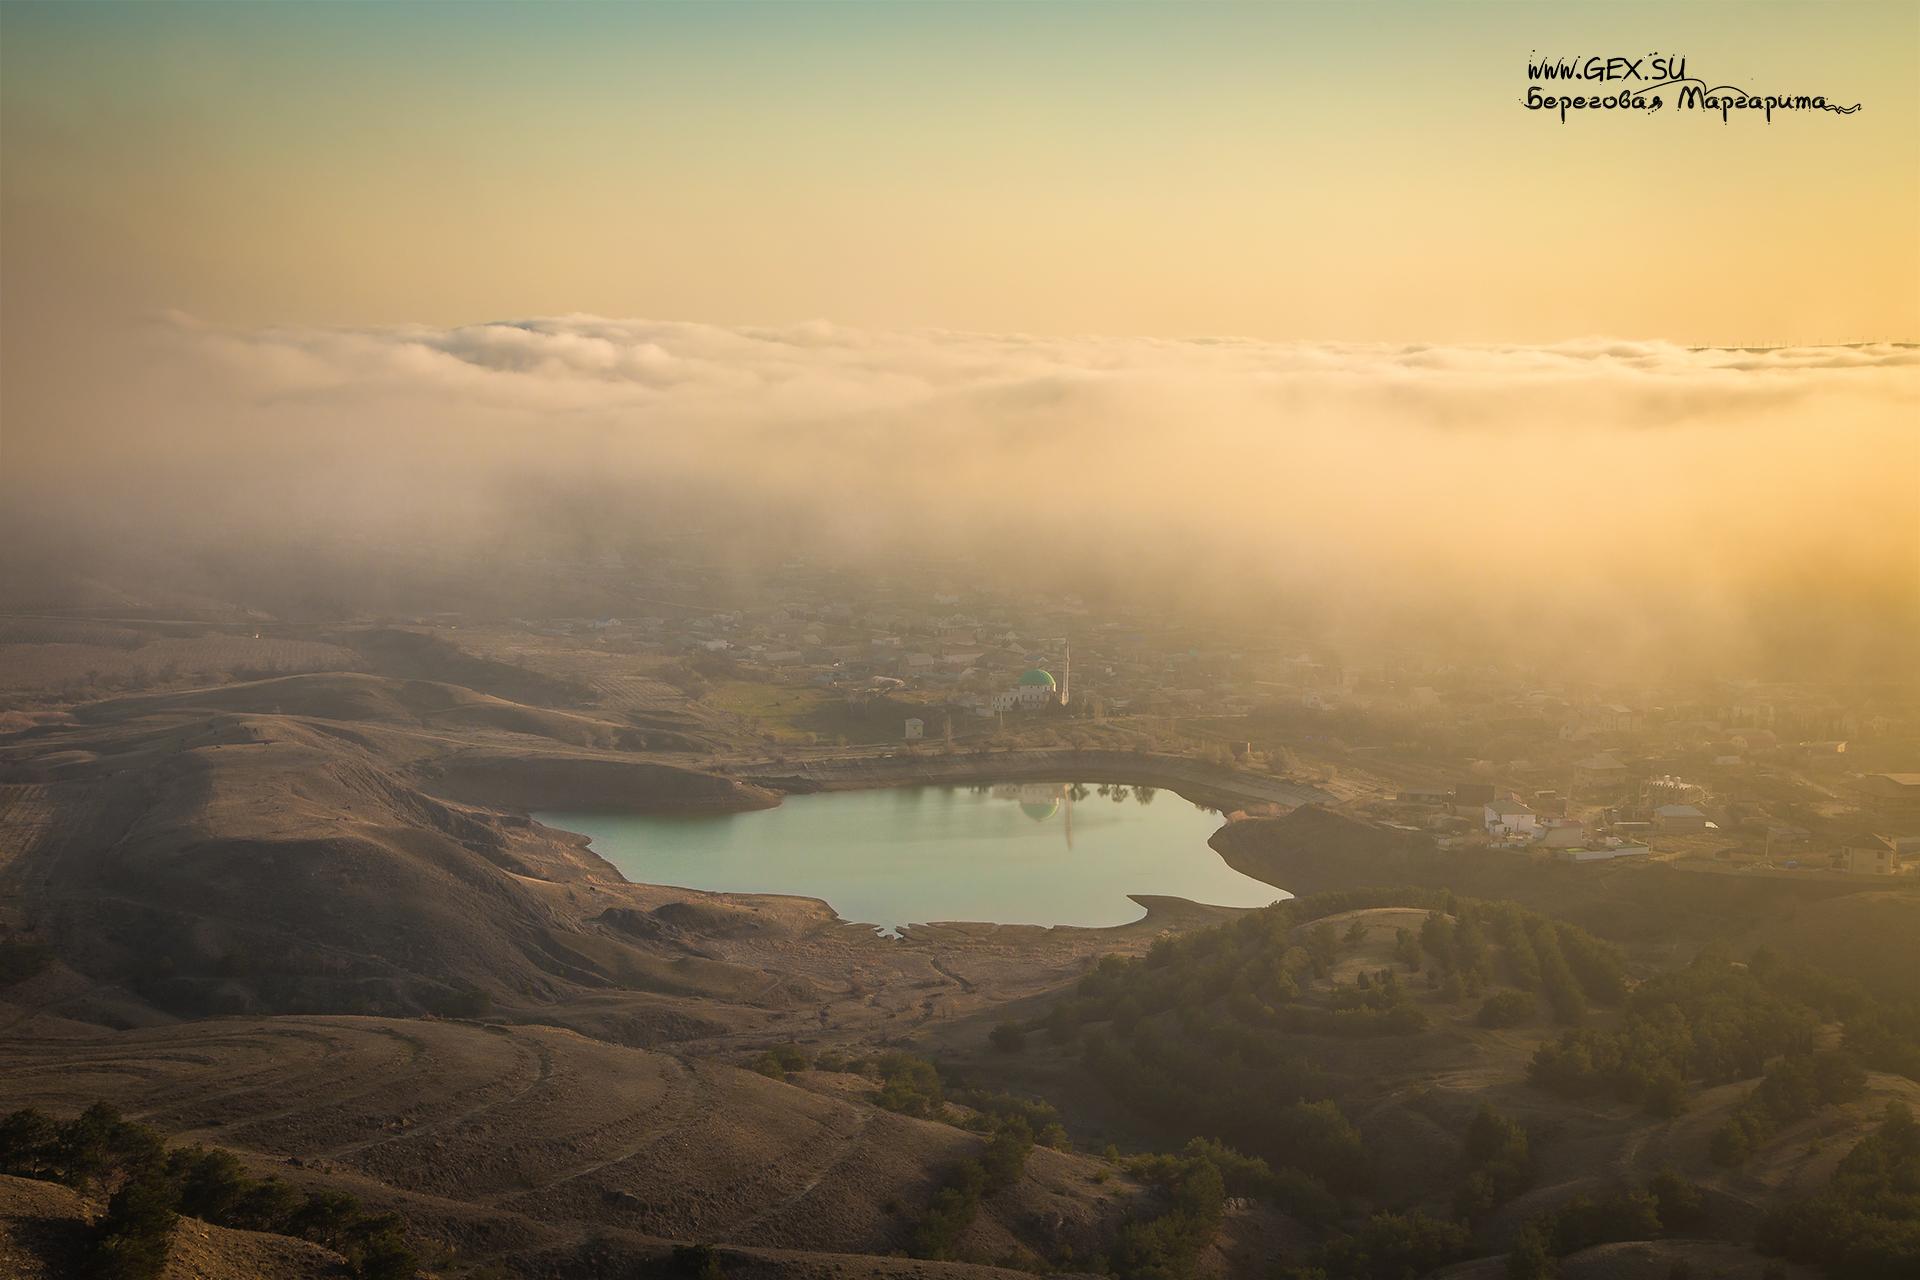 Туман в солнечной долине